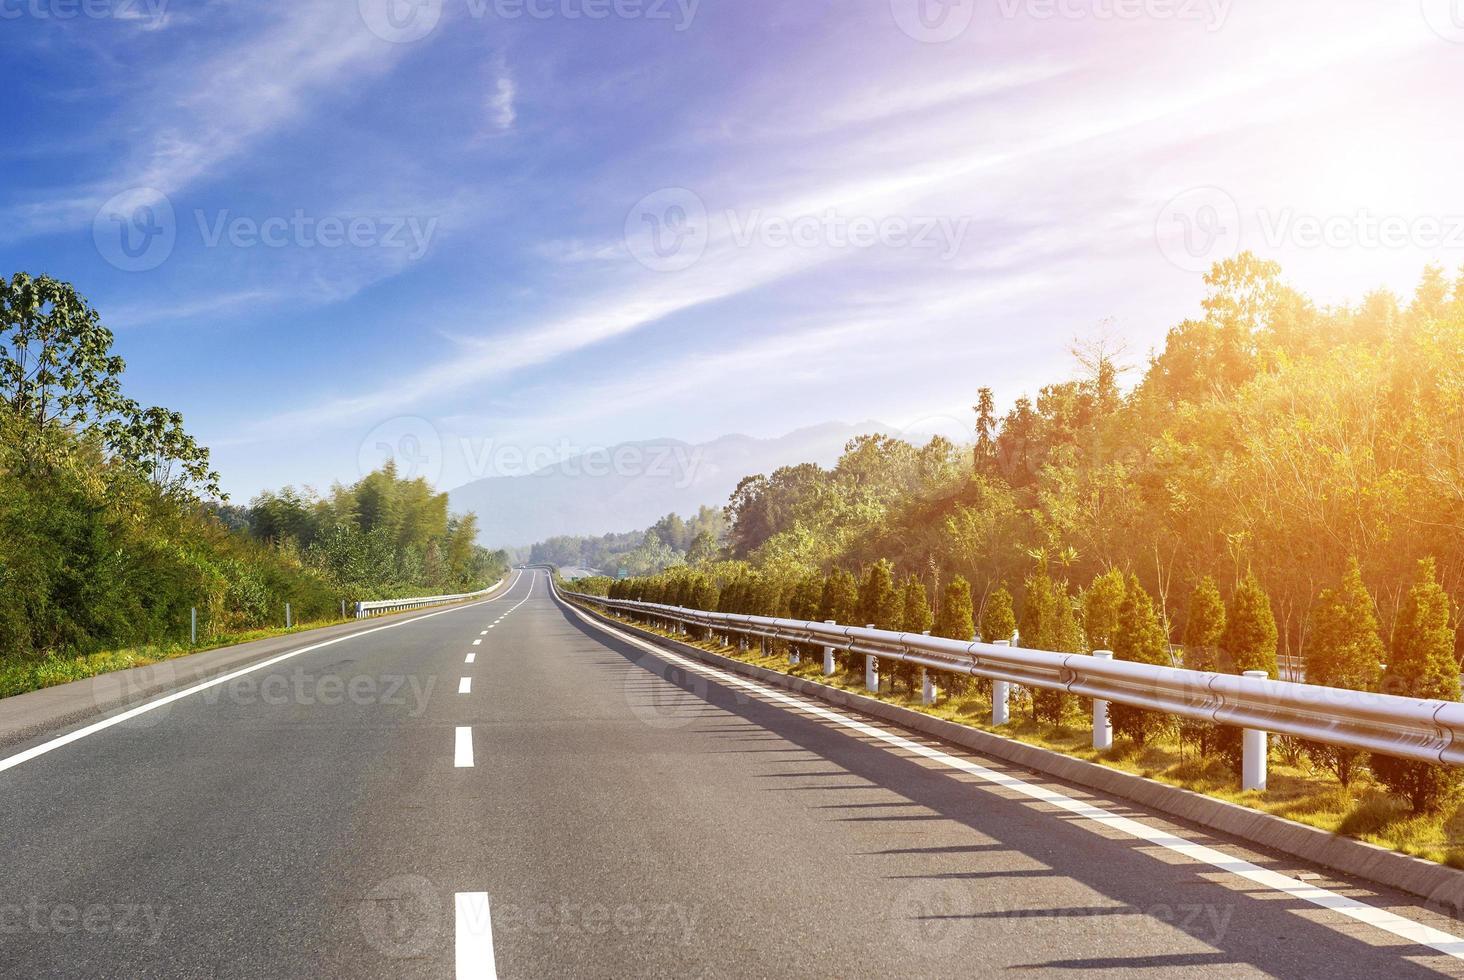 carretera de nueva construcción foto